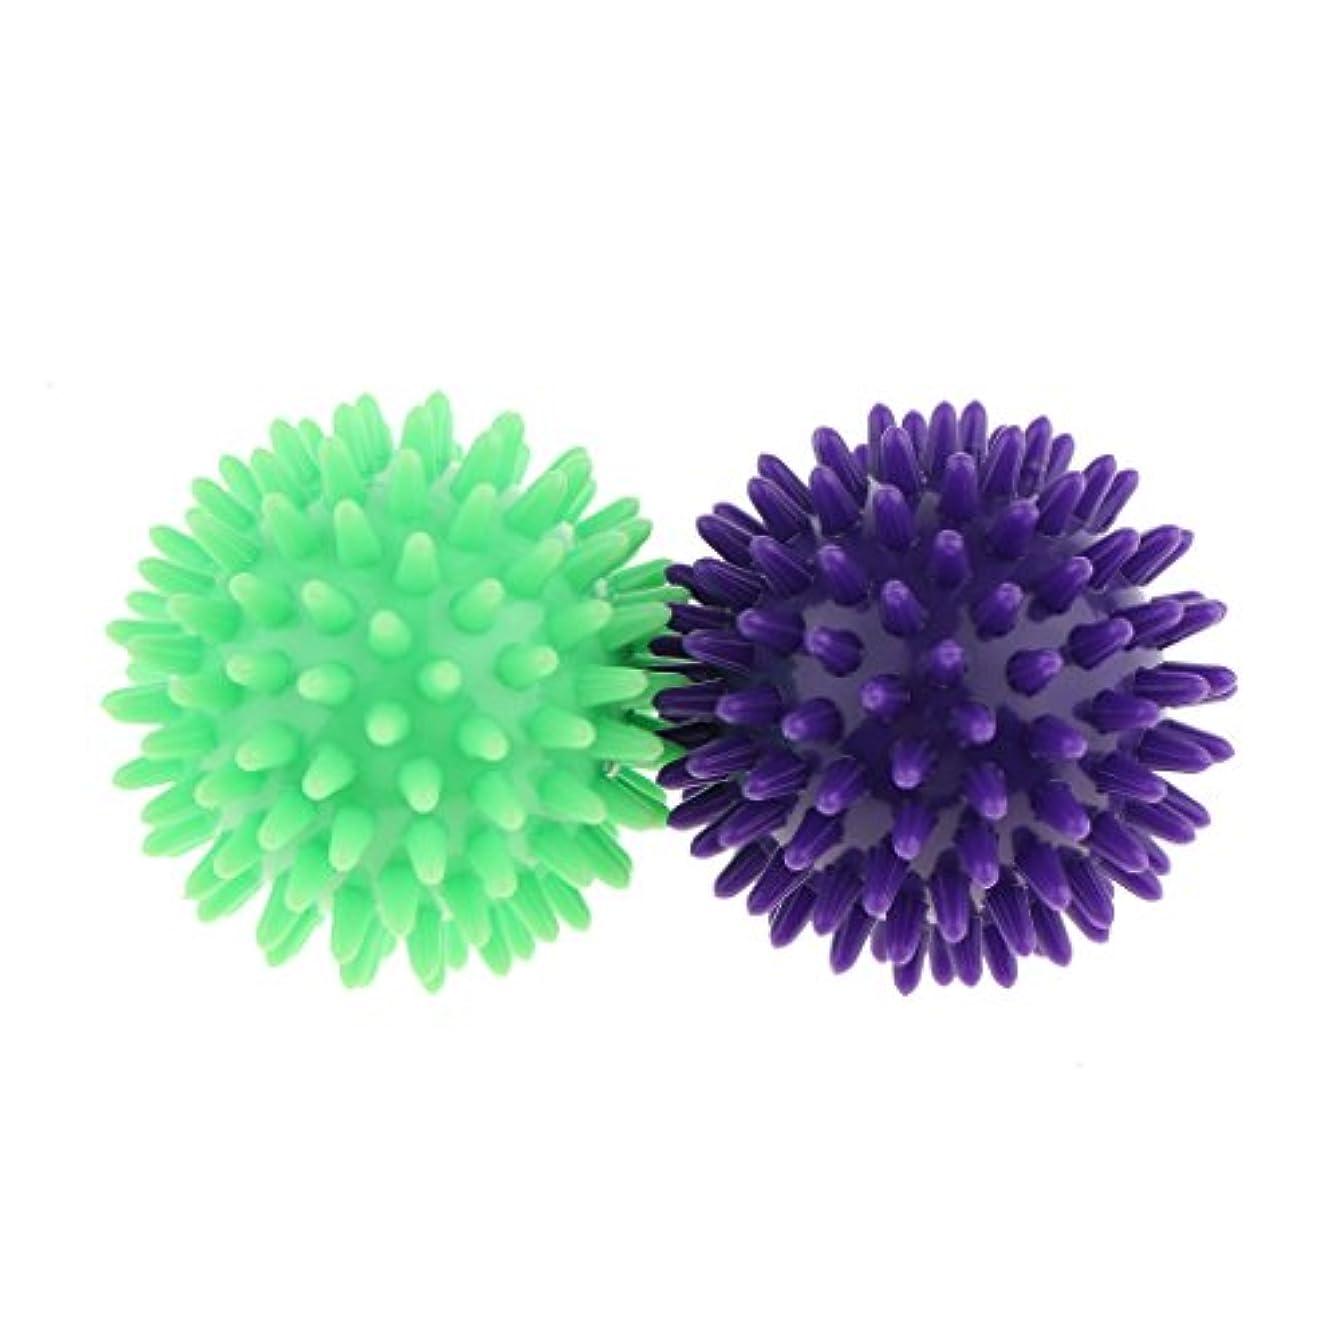 悪名高いシビック雪マッサージボール スパイシー マッサージ ボール ボディトリガー ポイント 2個セット 3タイプ選べ - 紫ライトグリーン